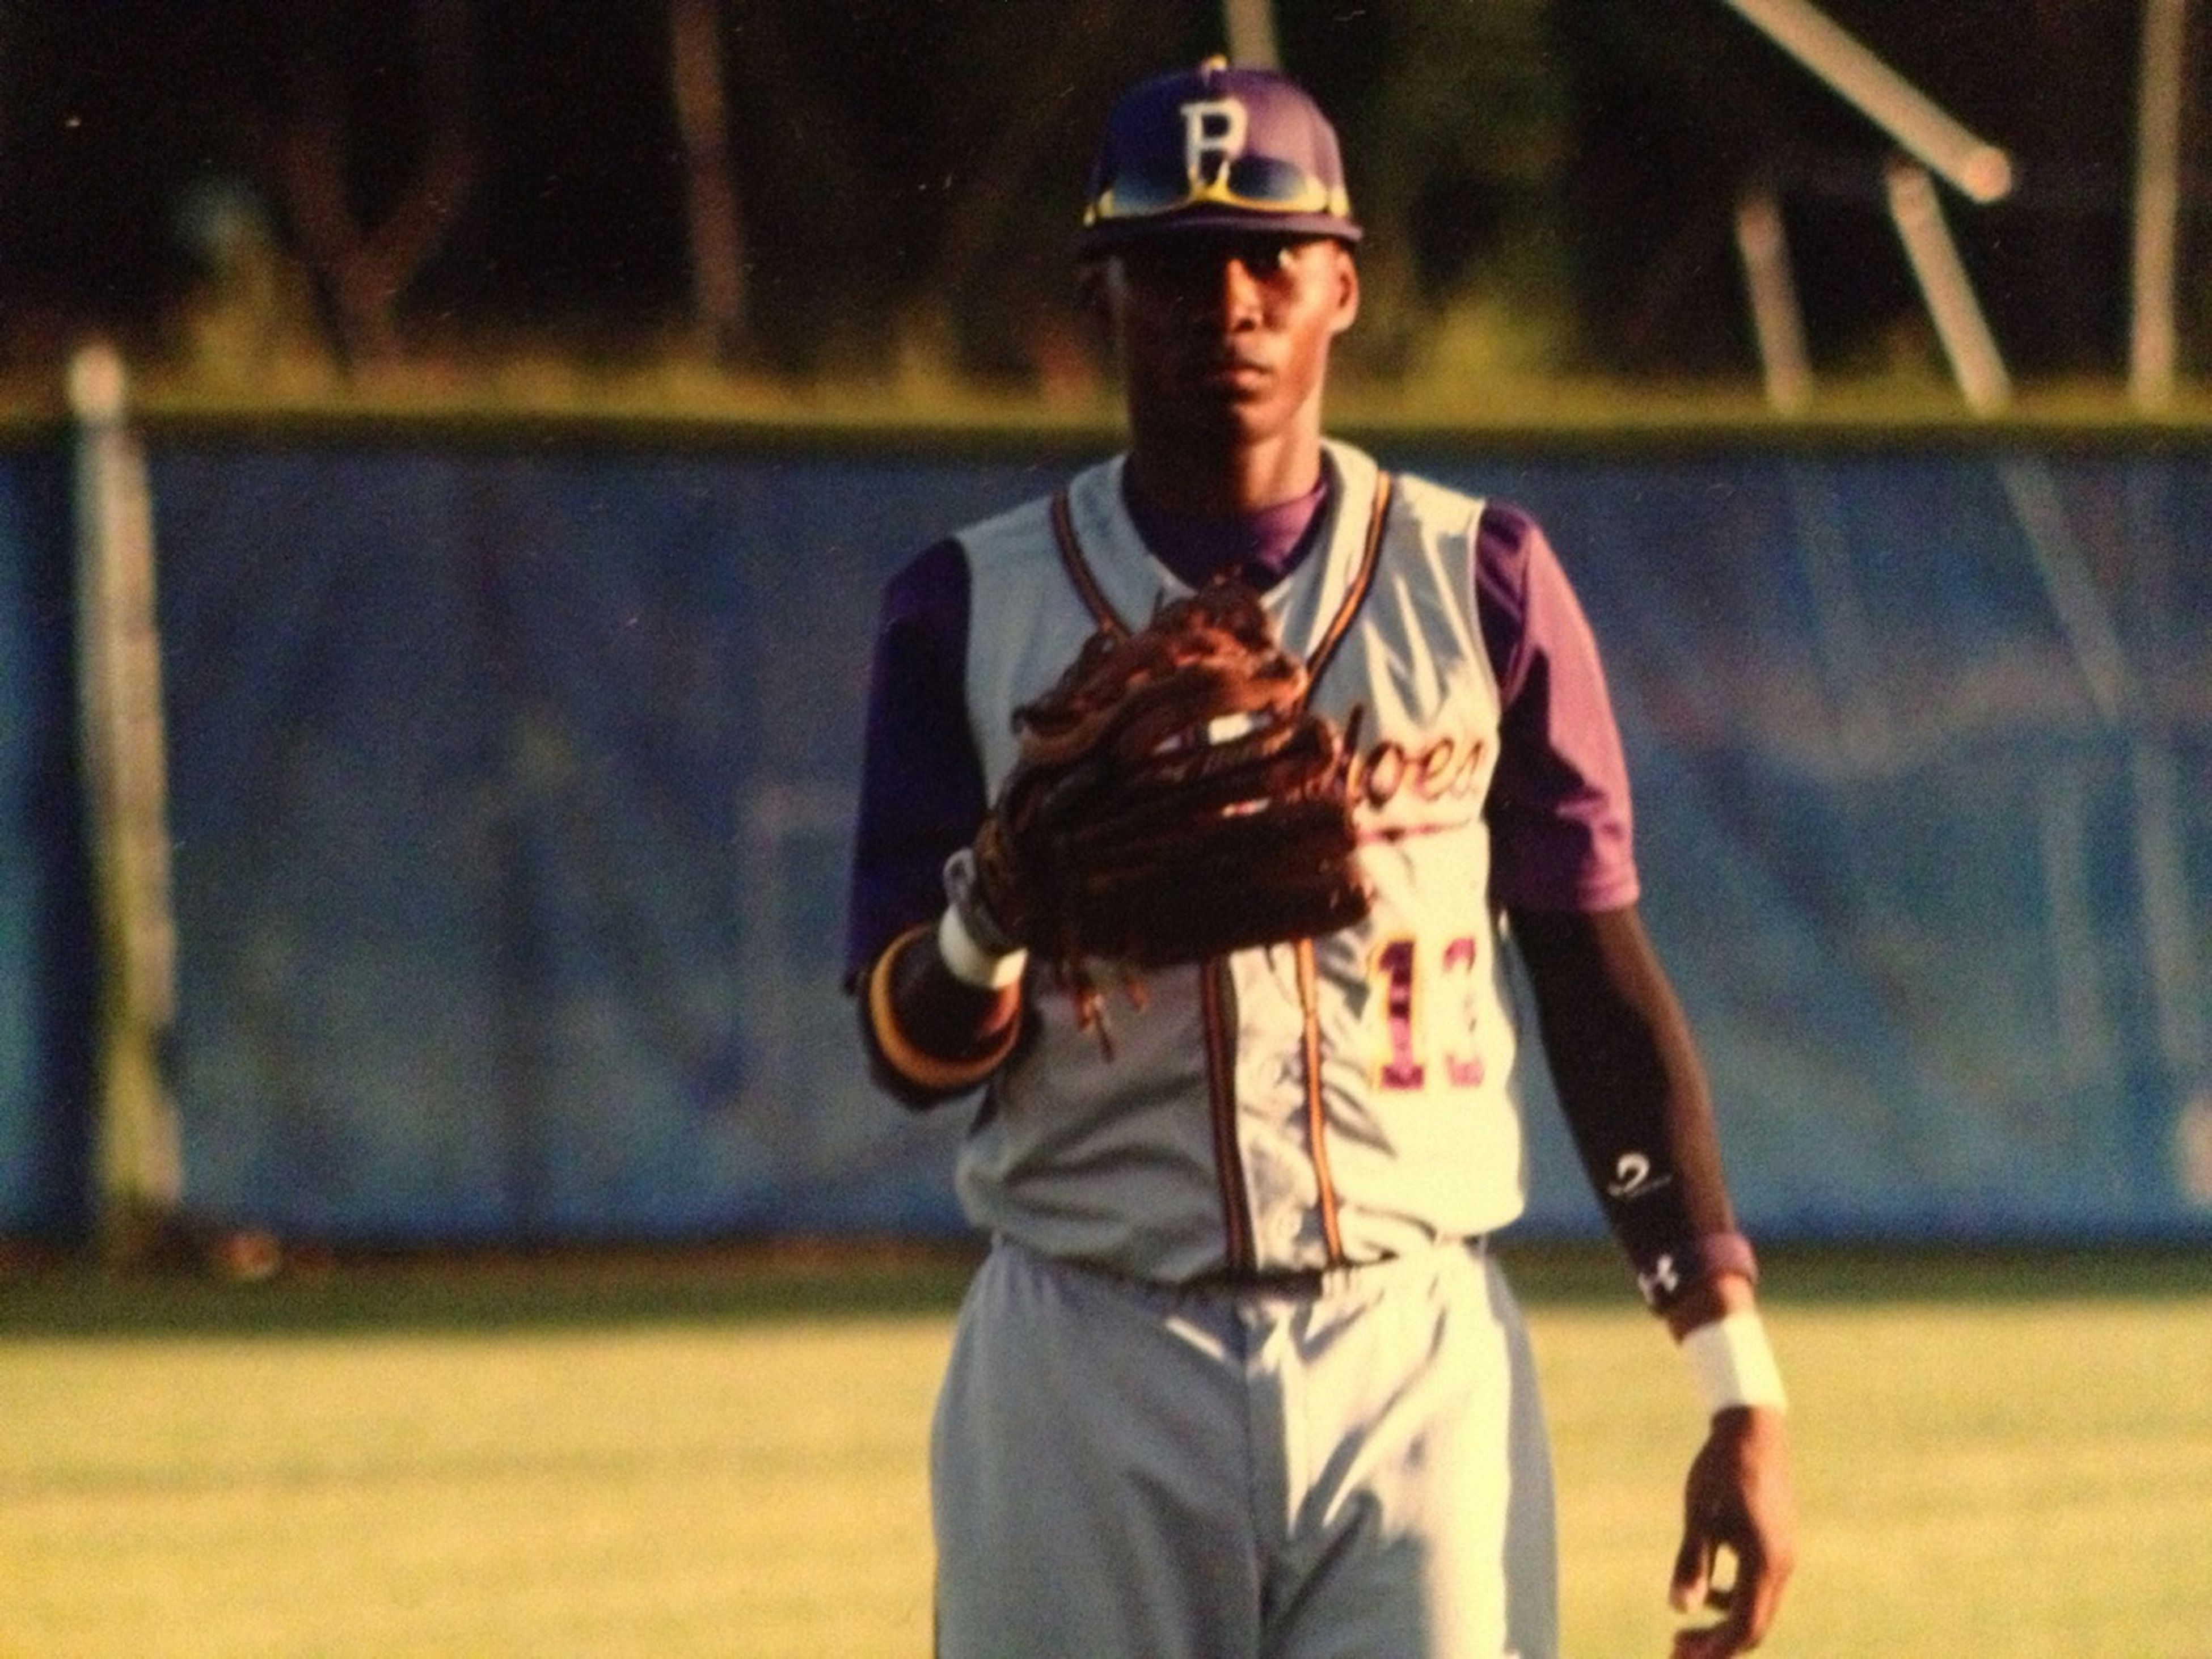 Ready For Baseball To Start #13